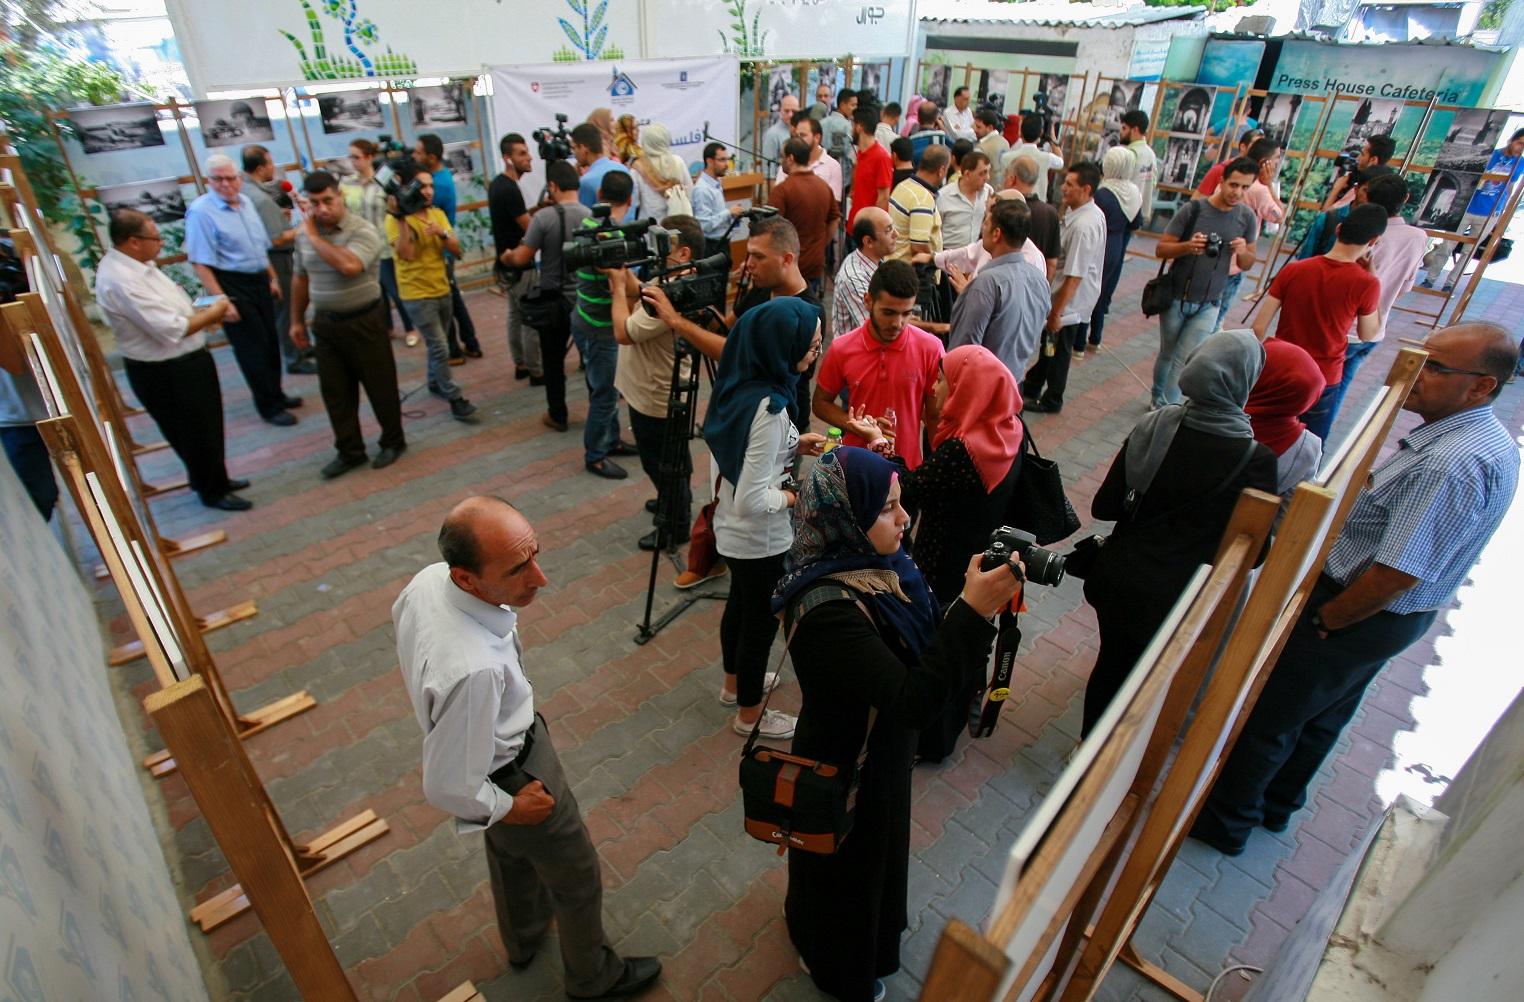 برعاية بيت الصحافة.. بيت القدس يفتتح معرضاً يوثق تاريخ فلسطين